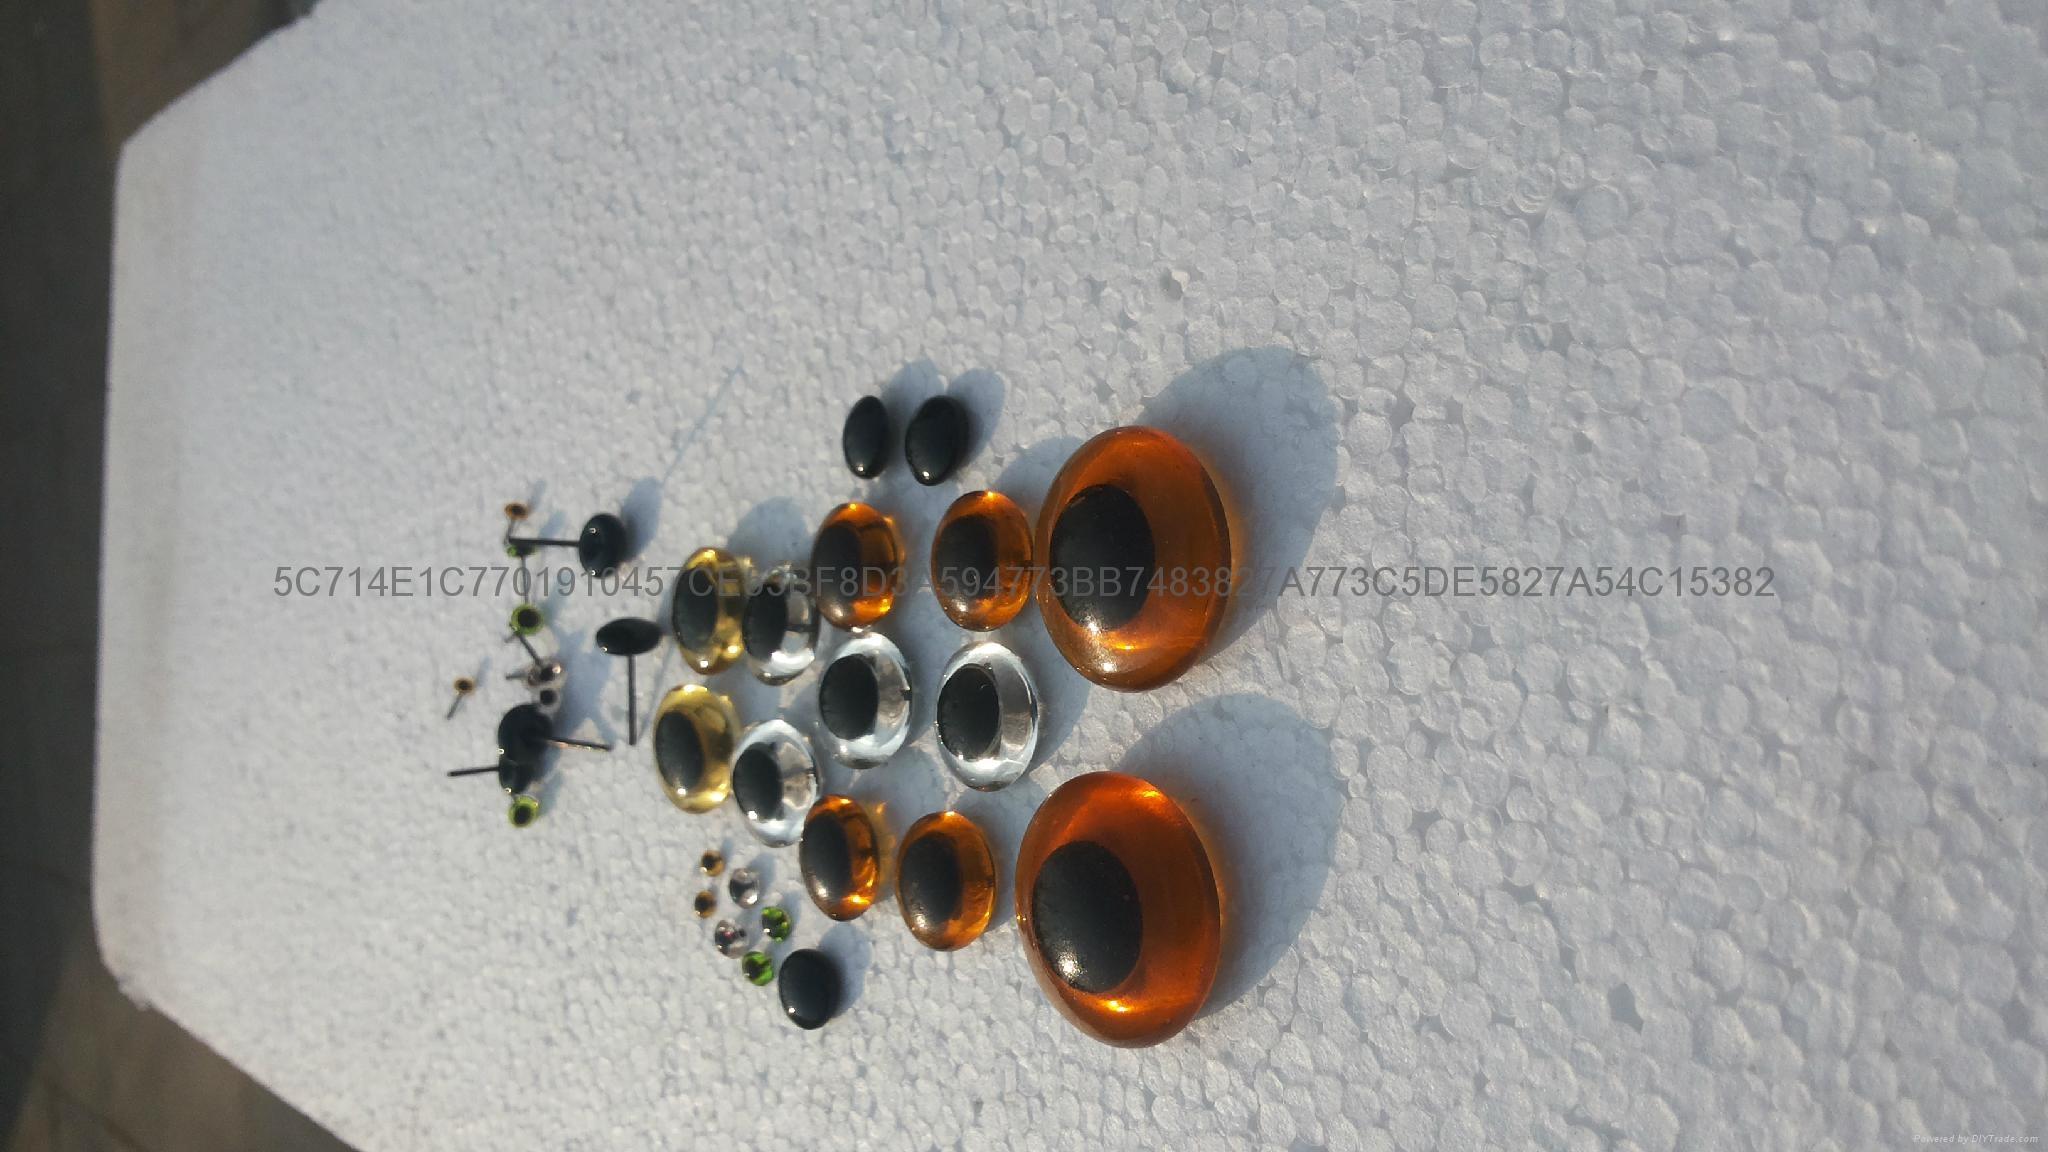 玩具眼玻璃眼睛树脂眼睛玩具配件 3